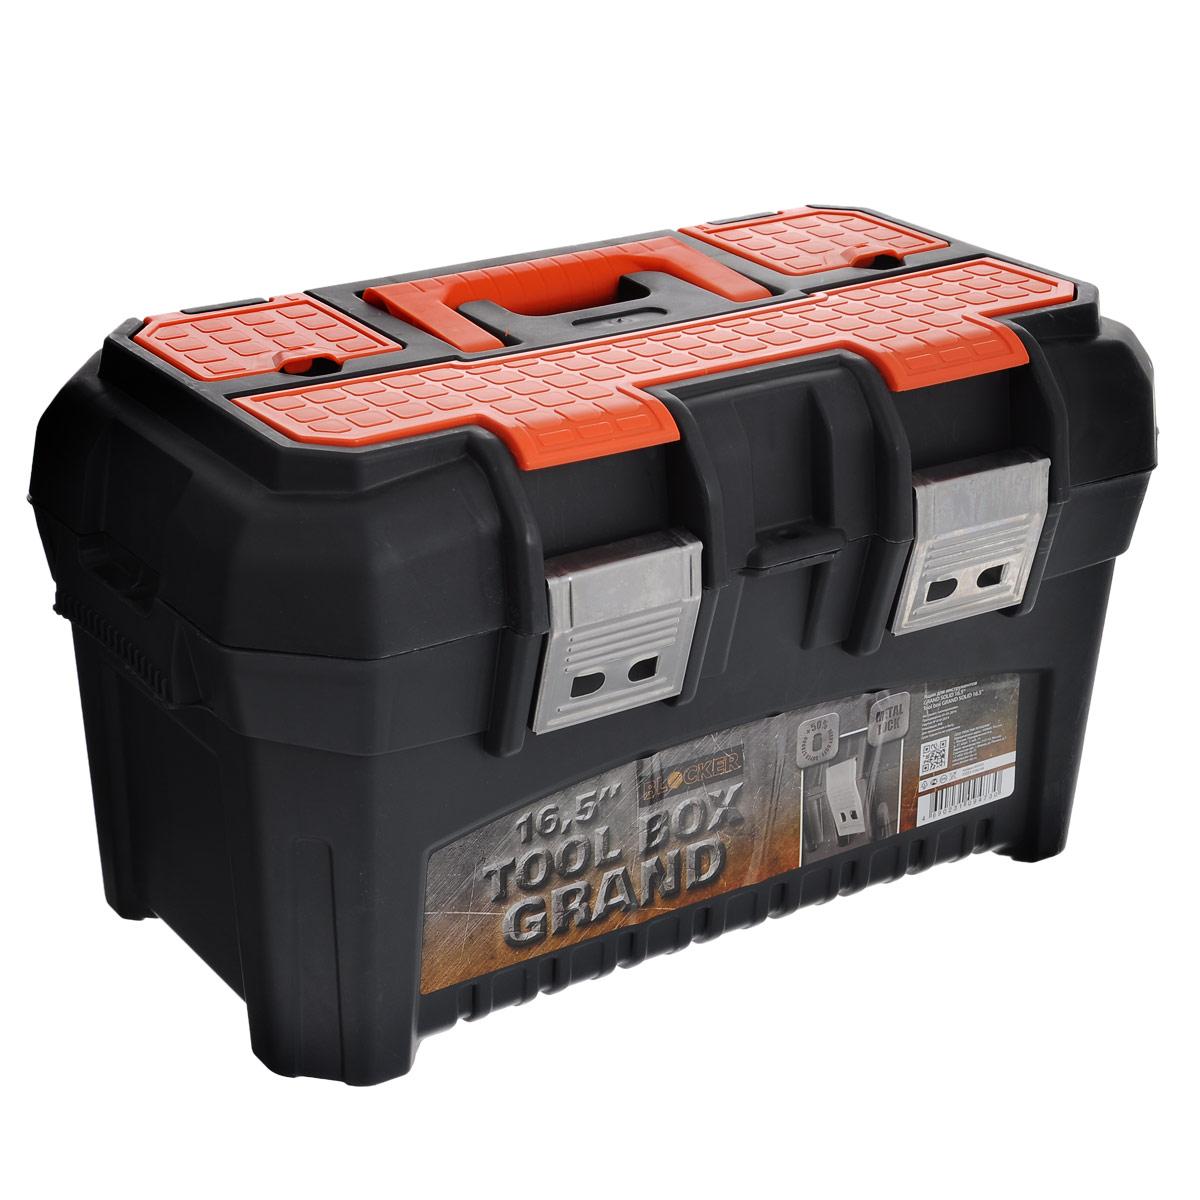 Ящик для инструментов Blocker Grand Solid 16,5, 41 х 24 х 23 смПЦ3933Ящик Blocker Grand Solid 16,5 изготовлен из прочного пластика и предназначен для хранения и переноски инструментов. Вместительный ящик внутри имеет большое главное отделение. В комплект входит съемный лоток с ручкой для инструментов. Для более комфортного переноса в руках, на крышке предусмотрена удобная ручка. Крышка ящика оснащена тремя органайзерами, которые закрываются на защелку.Ящик закрывается при помощи двух металлических защелок, которые не допускают случайного открывания. Размер лотка: 39,5 см х 21 см х 9 см.